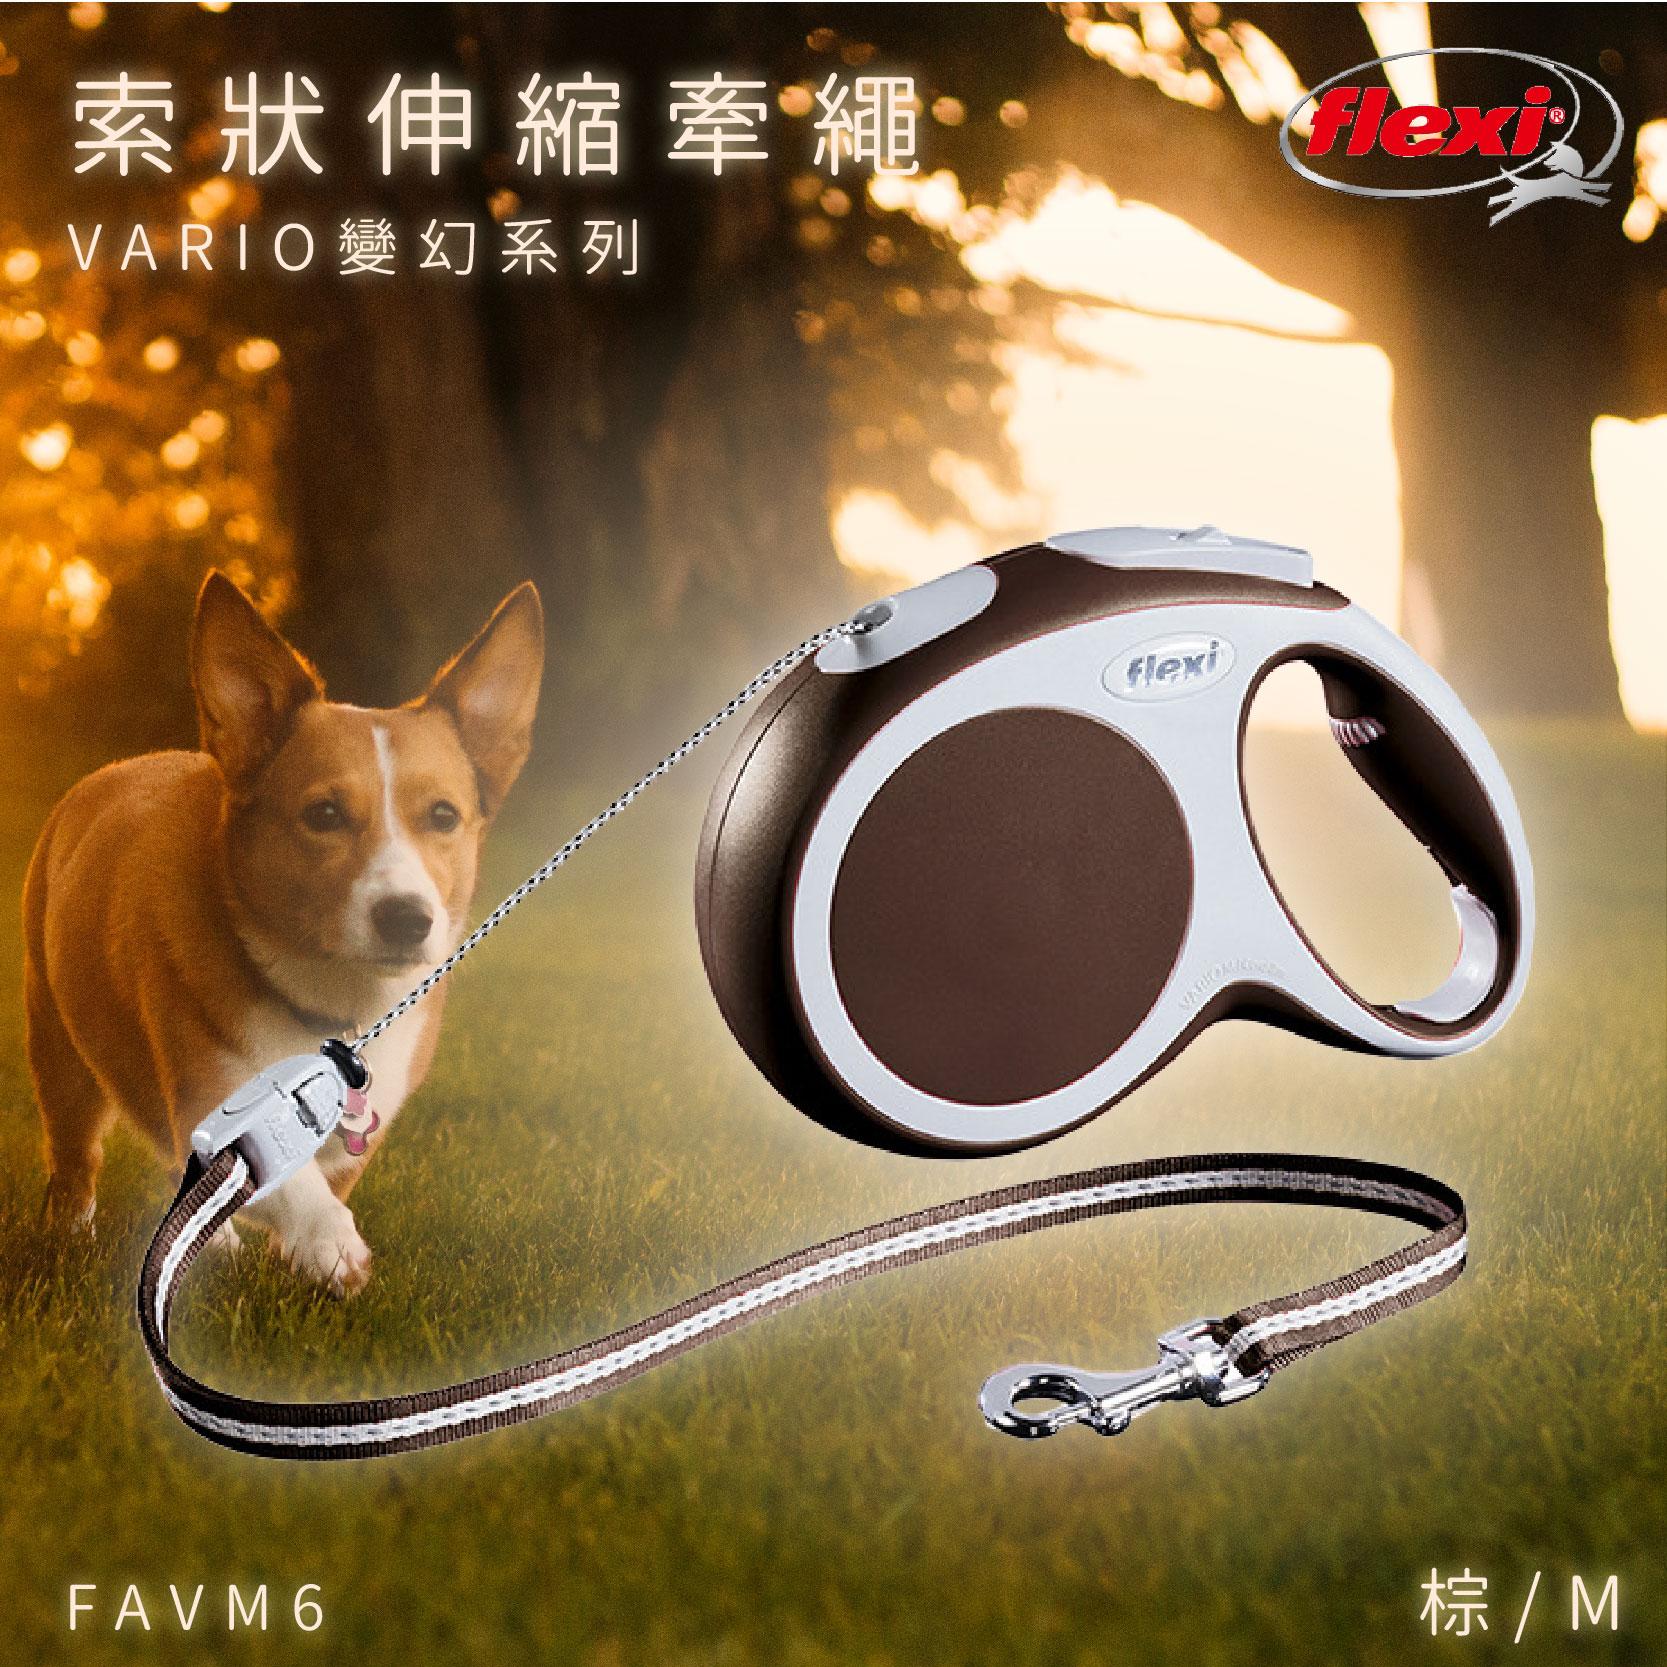 Flexi 索狀寵物牽繩 棕M FAVM6 變幻系列 舒適握把 狗貓 外出用品 寵物用品 寵物牽繩 德國製